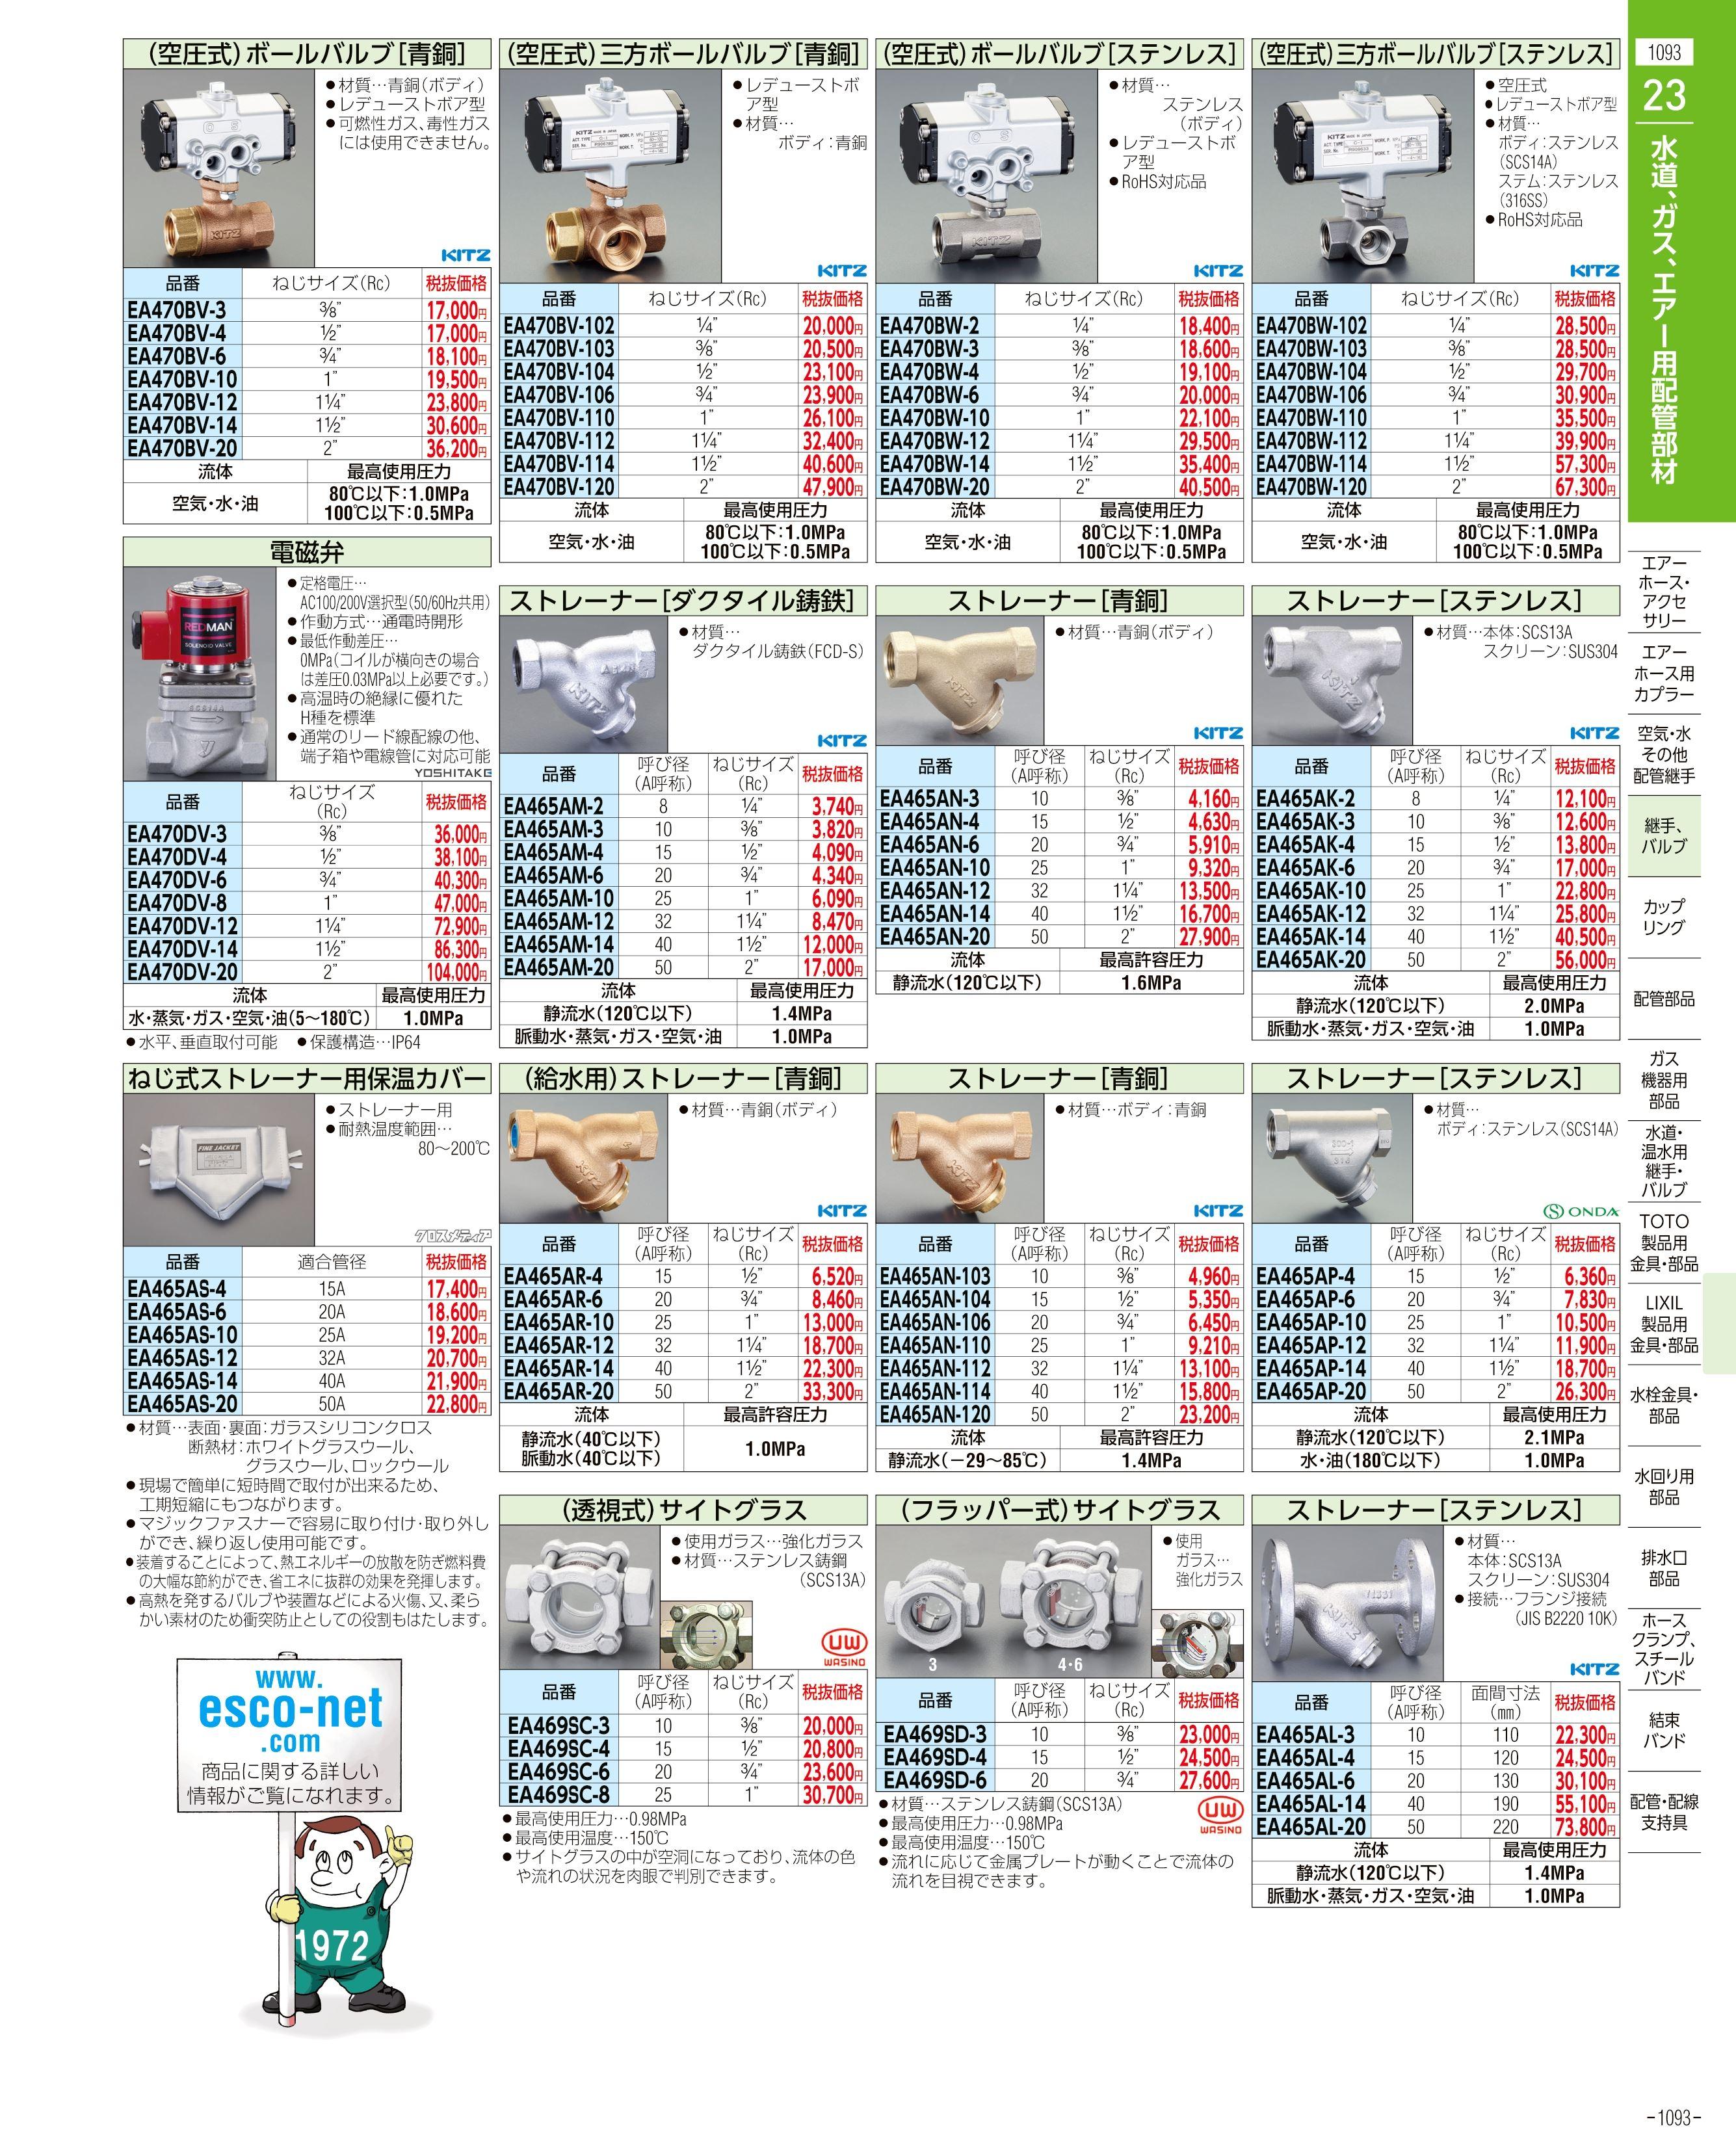 エスコ便利カタログ1093ページ